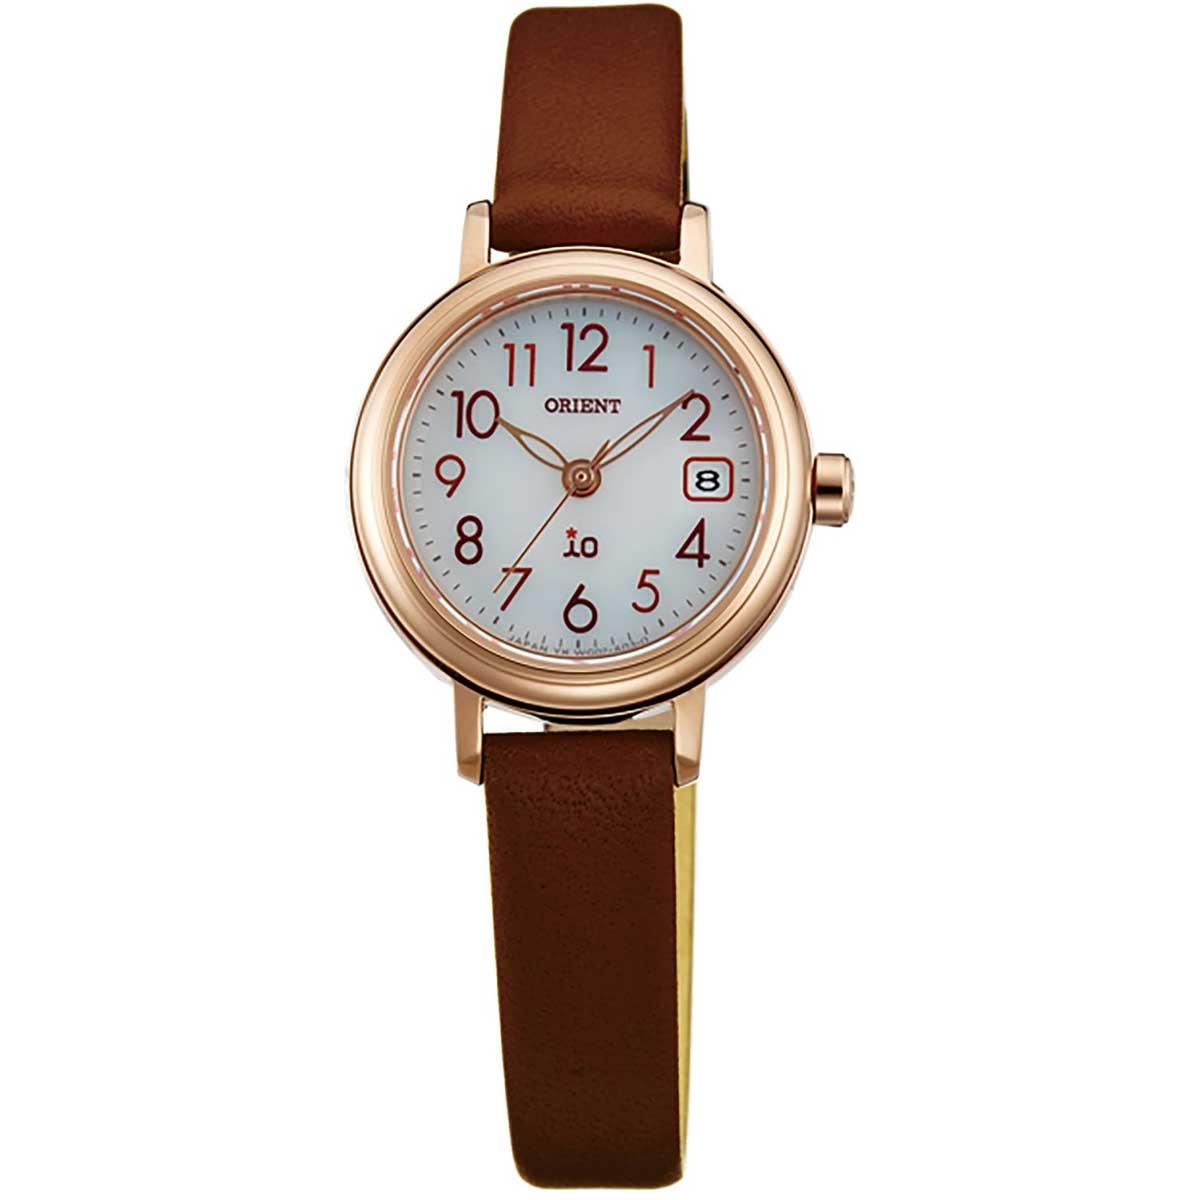 オリエント ORIENT WI0041WG イオ ナチュラル&プレーン iO NATURAL&PLAIN レディース 腕時計 時計 ソーラー [ 送料無料 ]